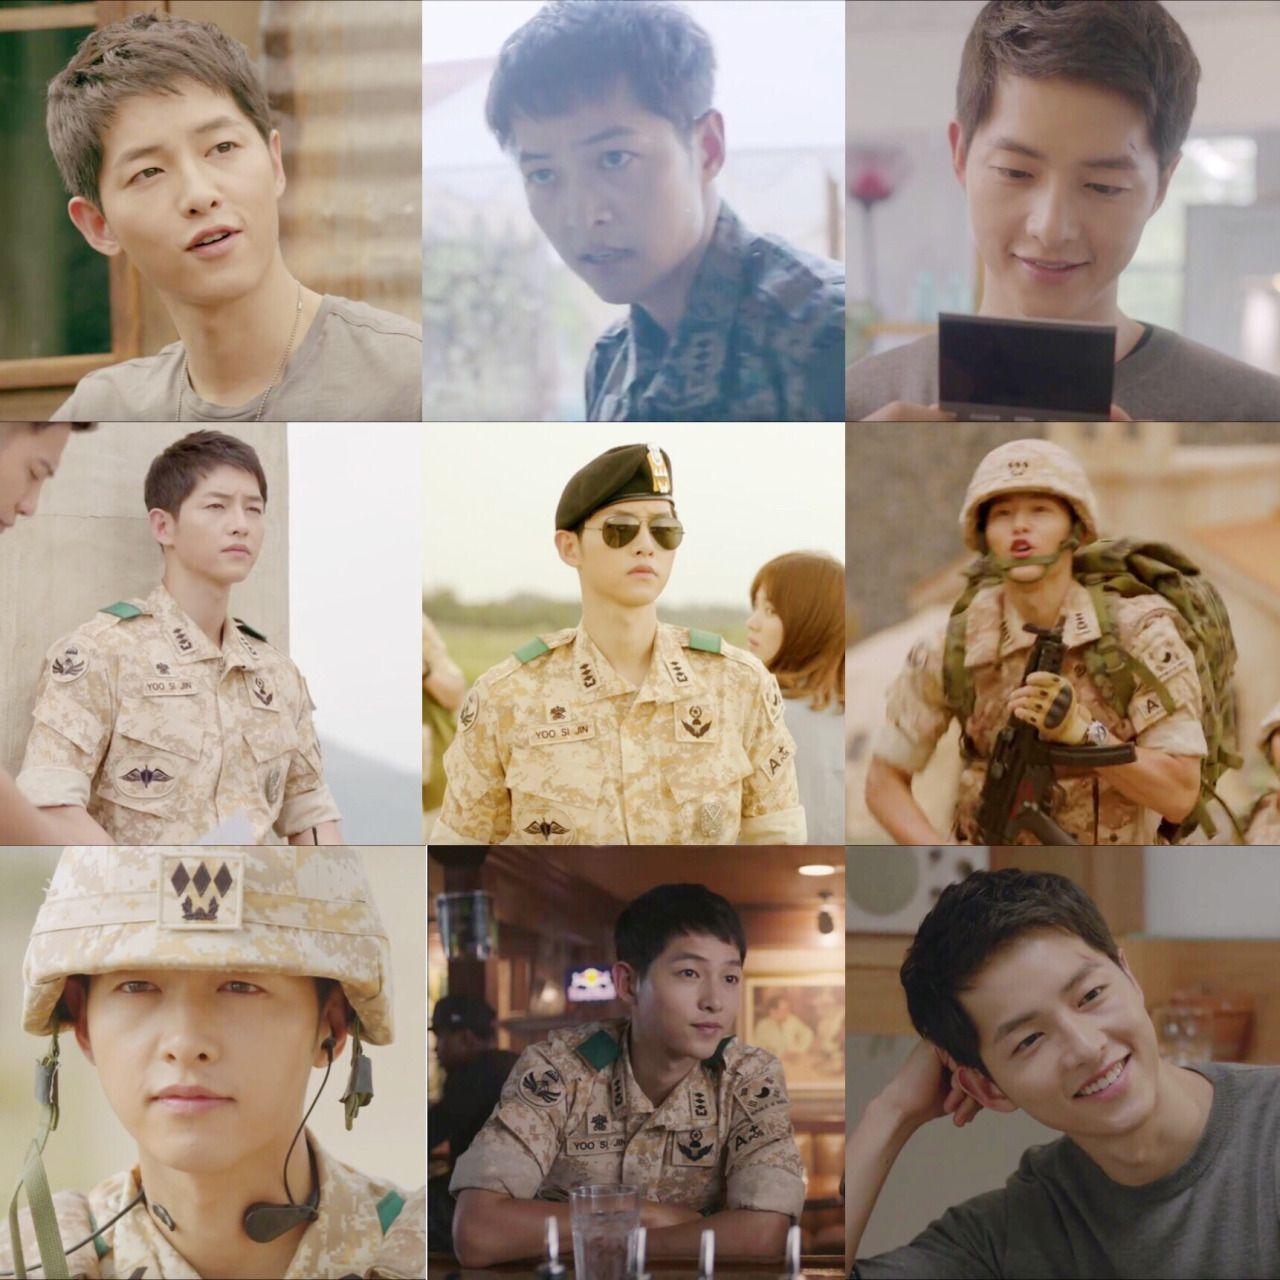 Song Joong Ki : Photo - Descendants of the Sun - male lead